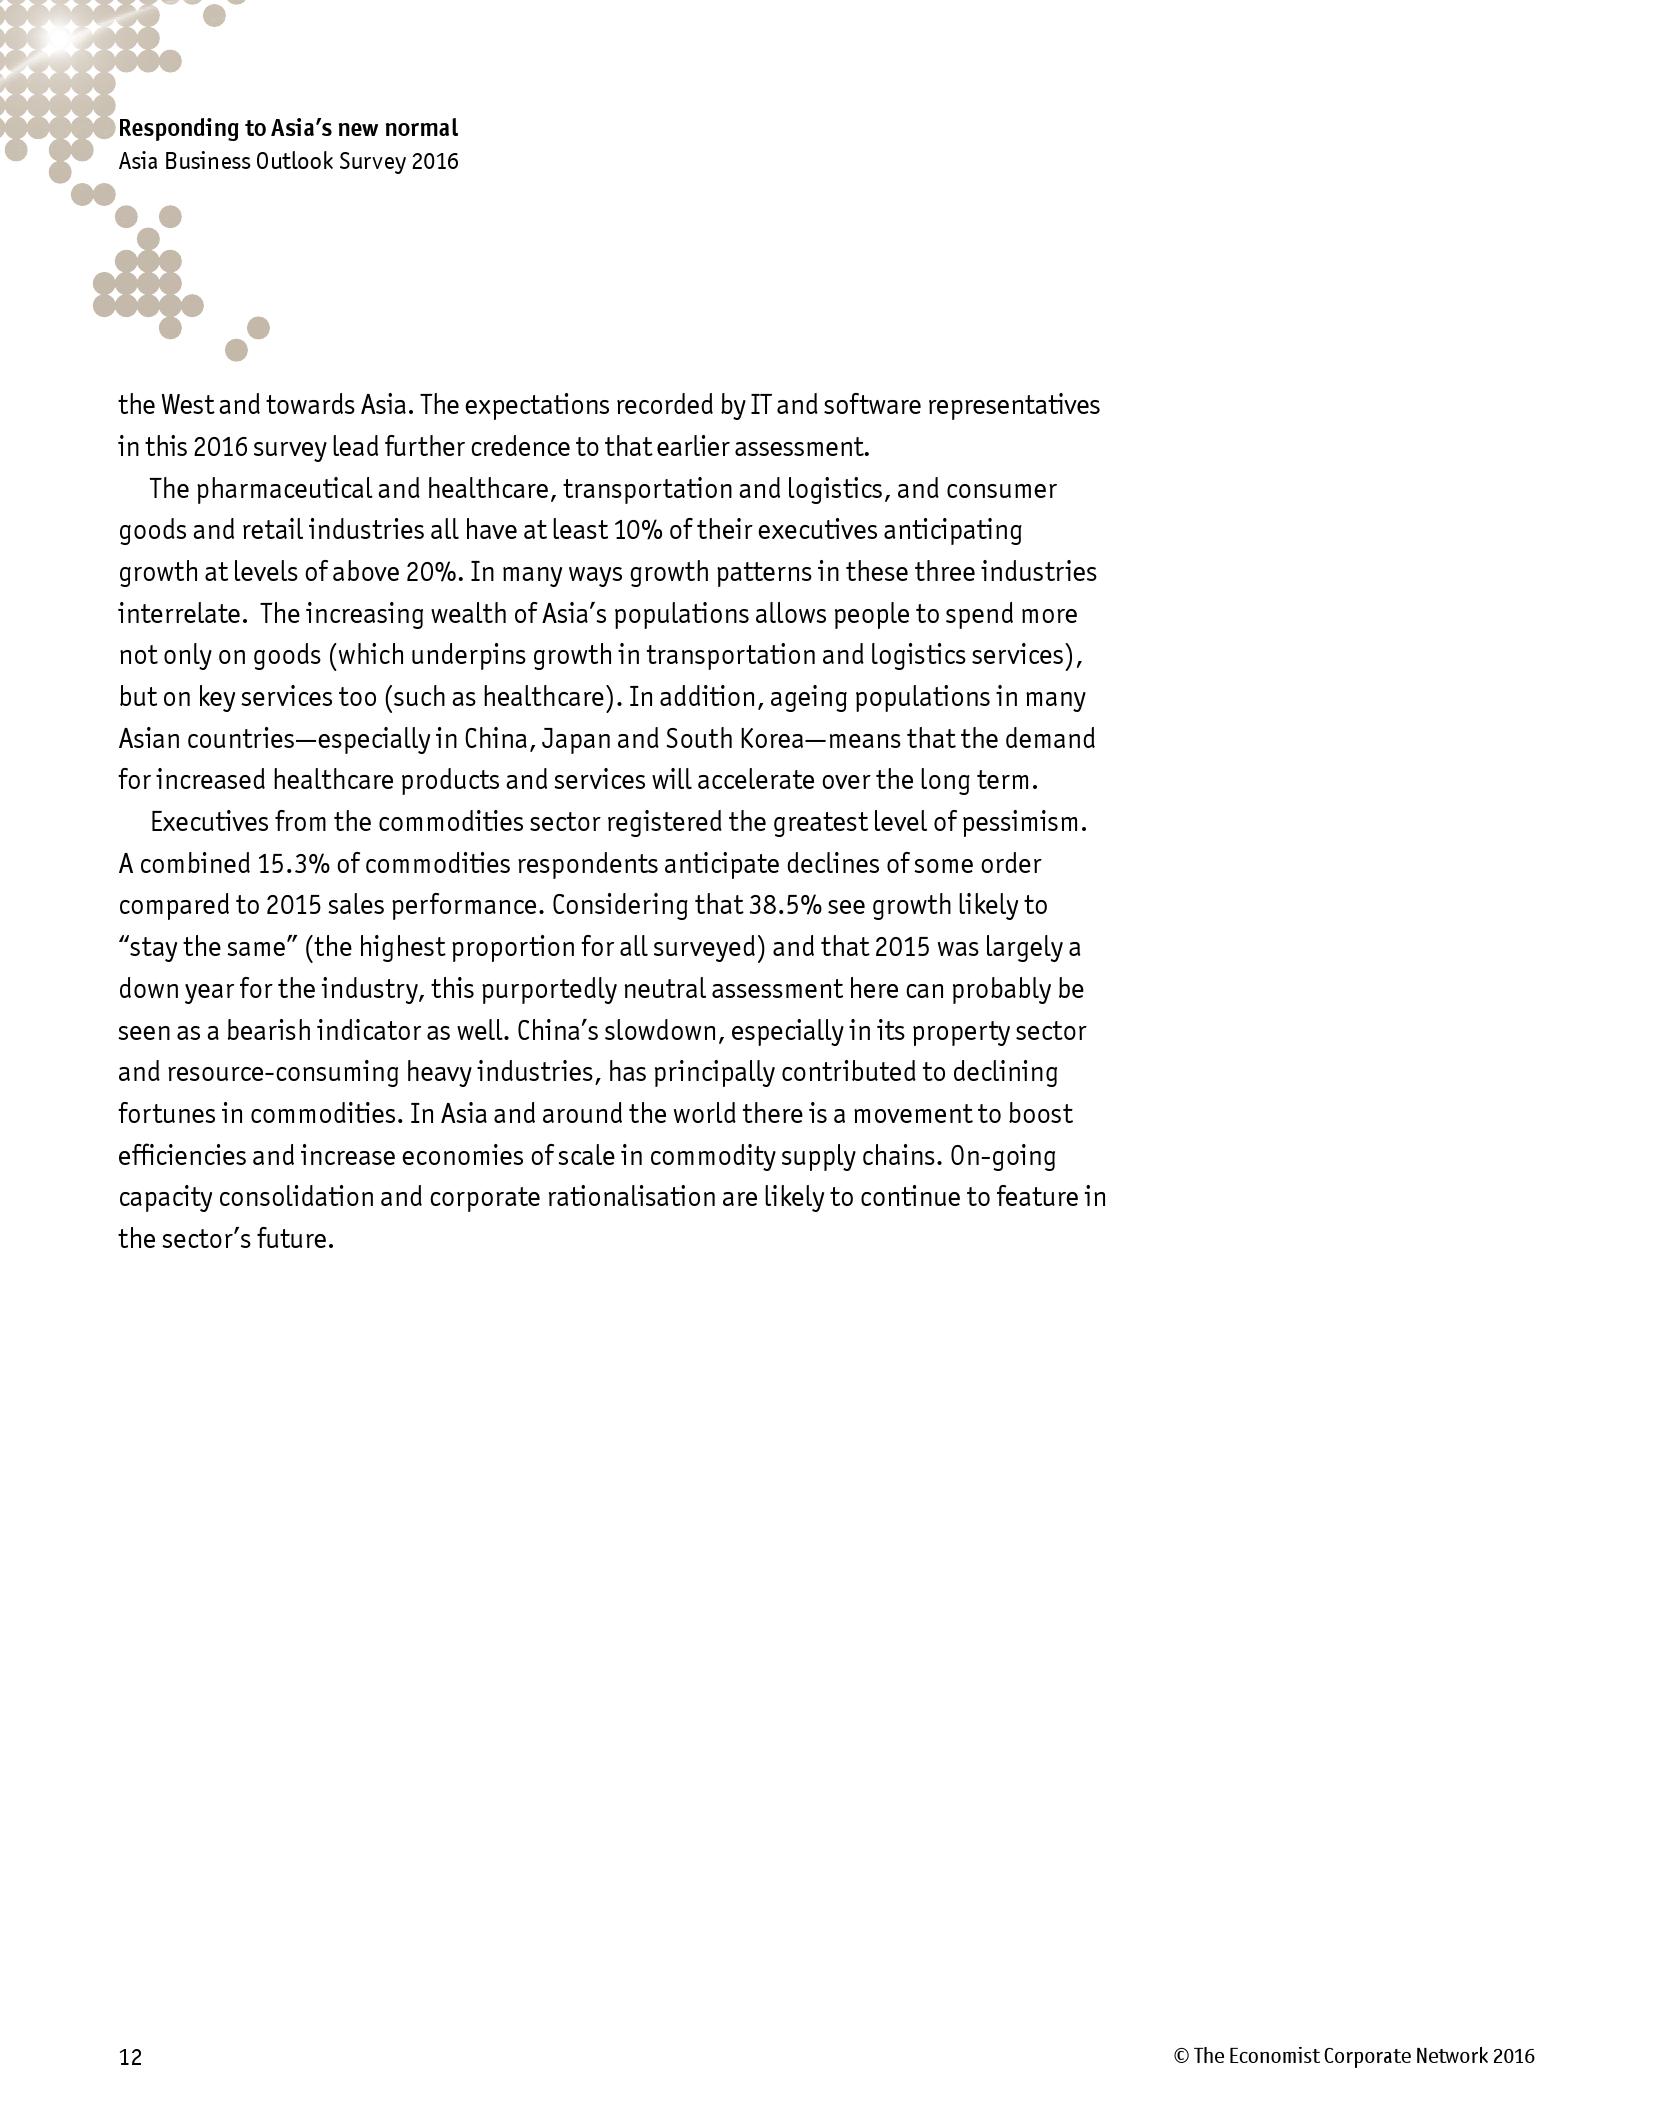 2016年亚洲商业展望调查报告_000014